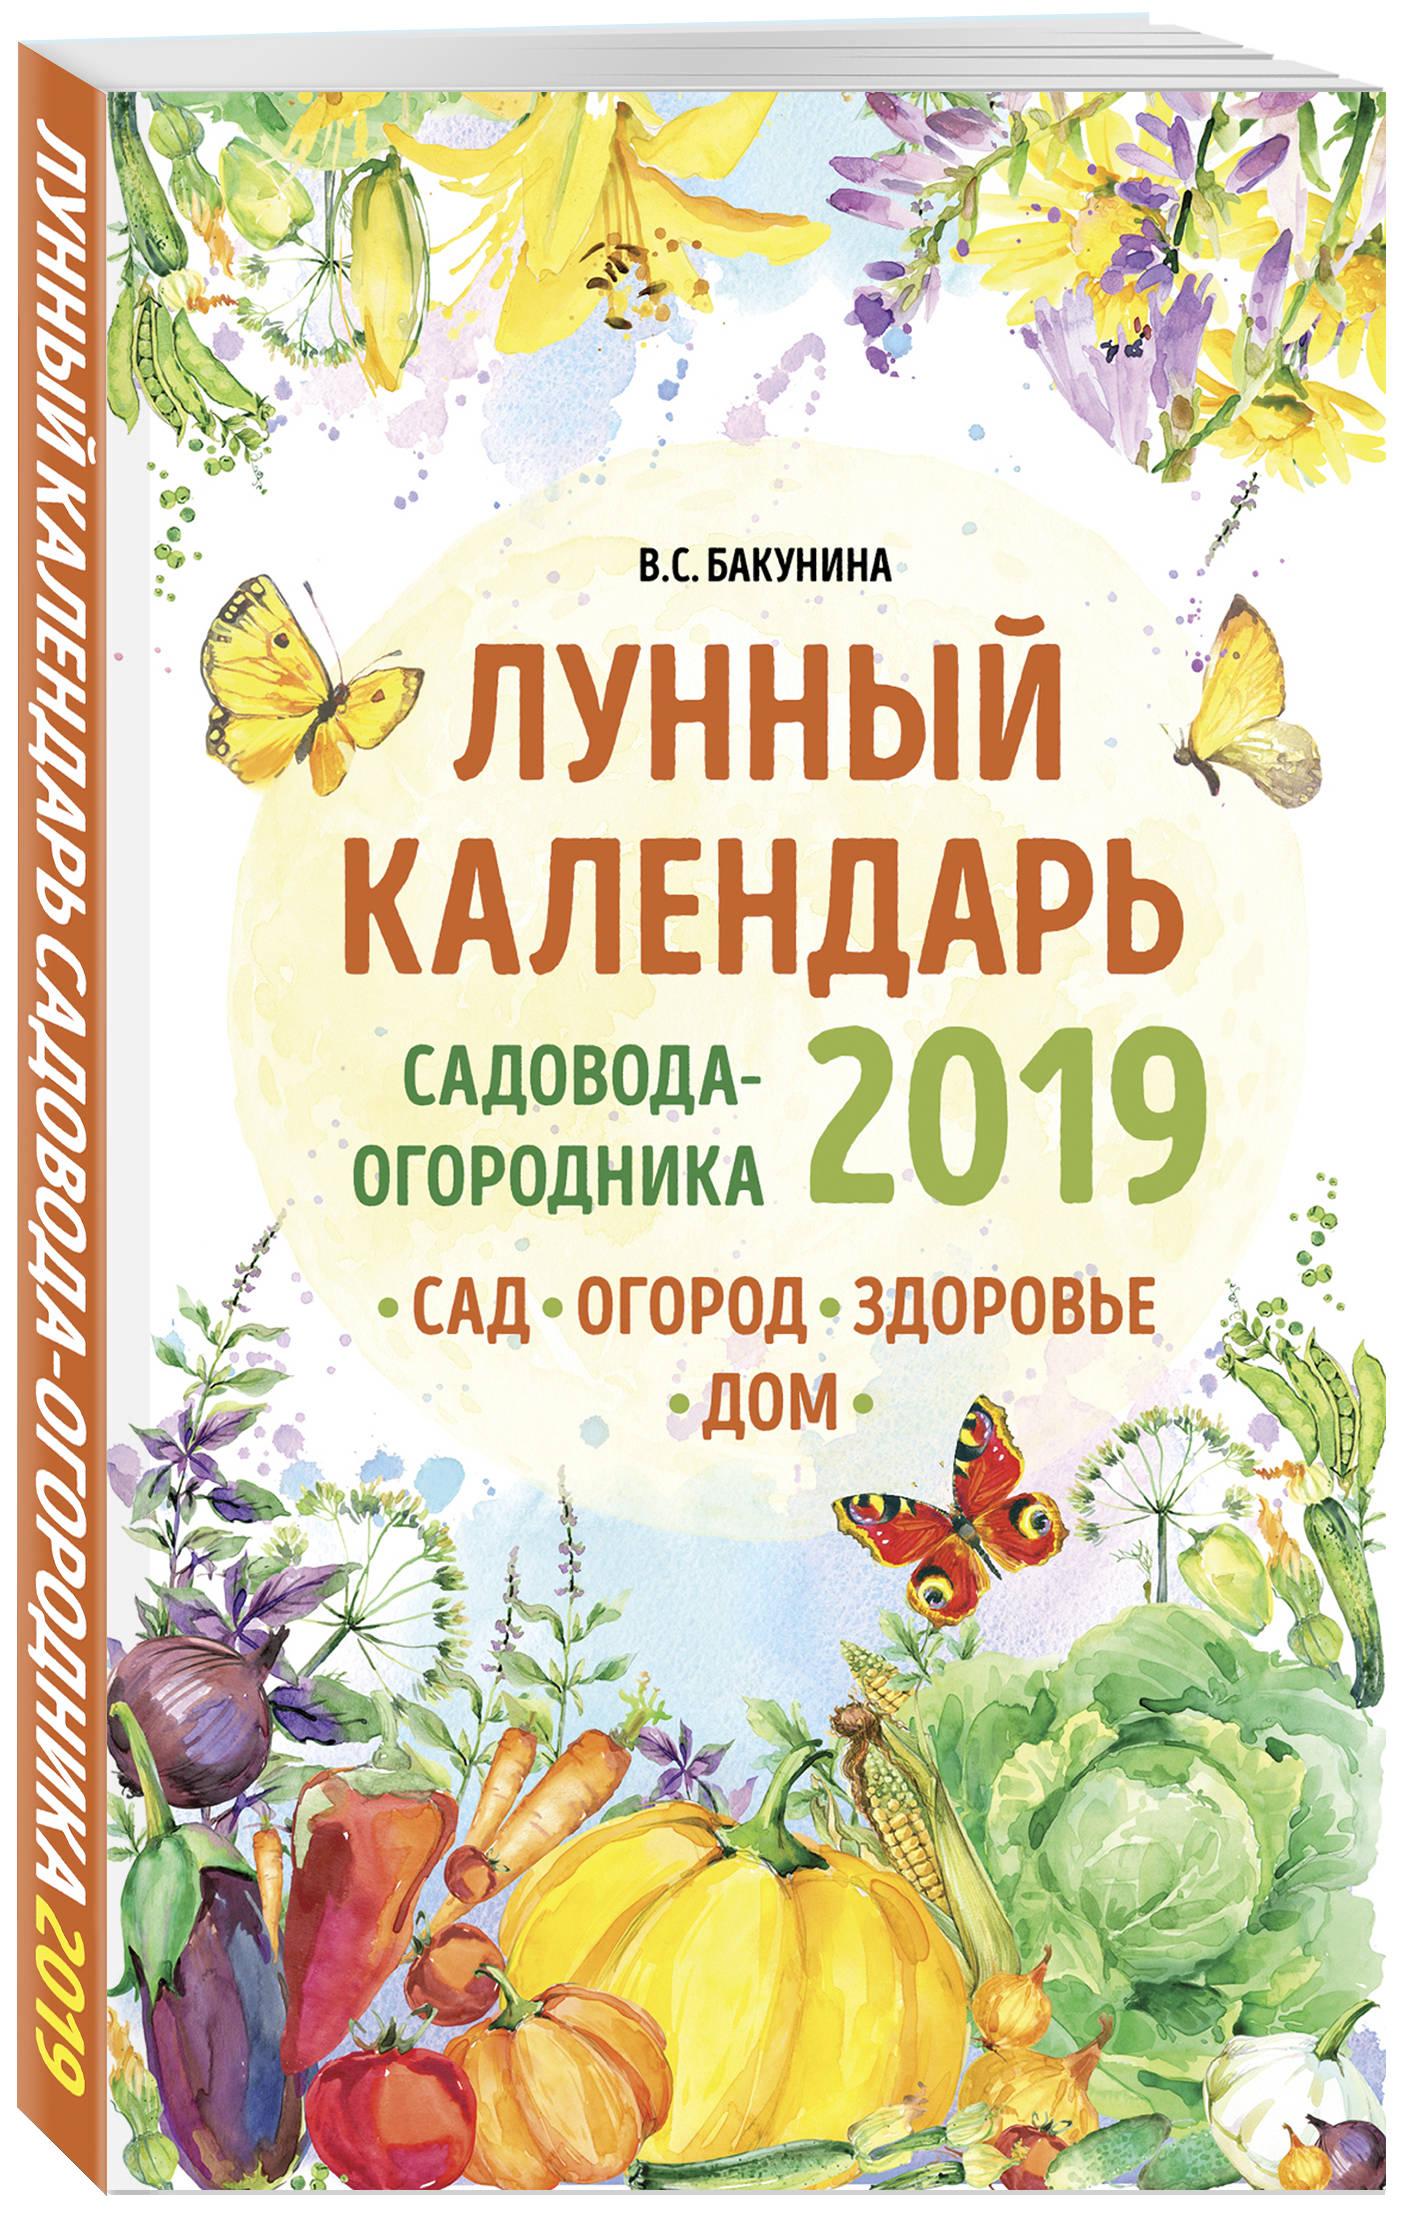 Лунный календарь садовода-огородника 2019. Сад, огород, здоровье, дом ( Виктория Бакунина  )